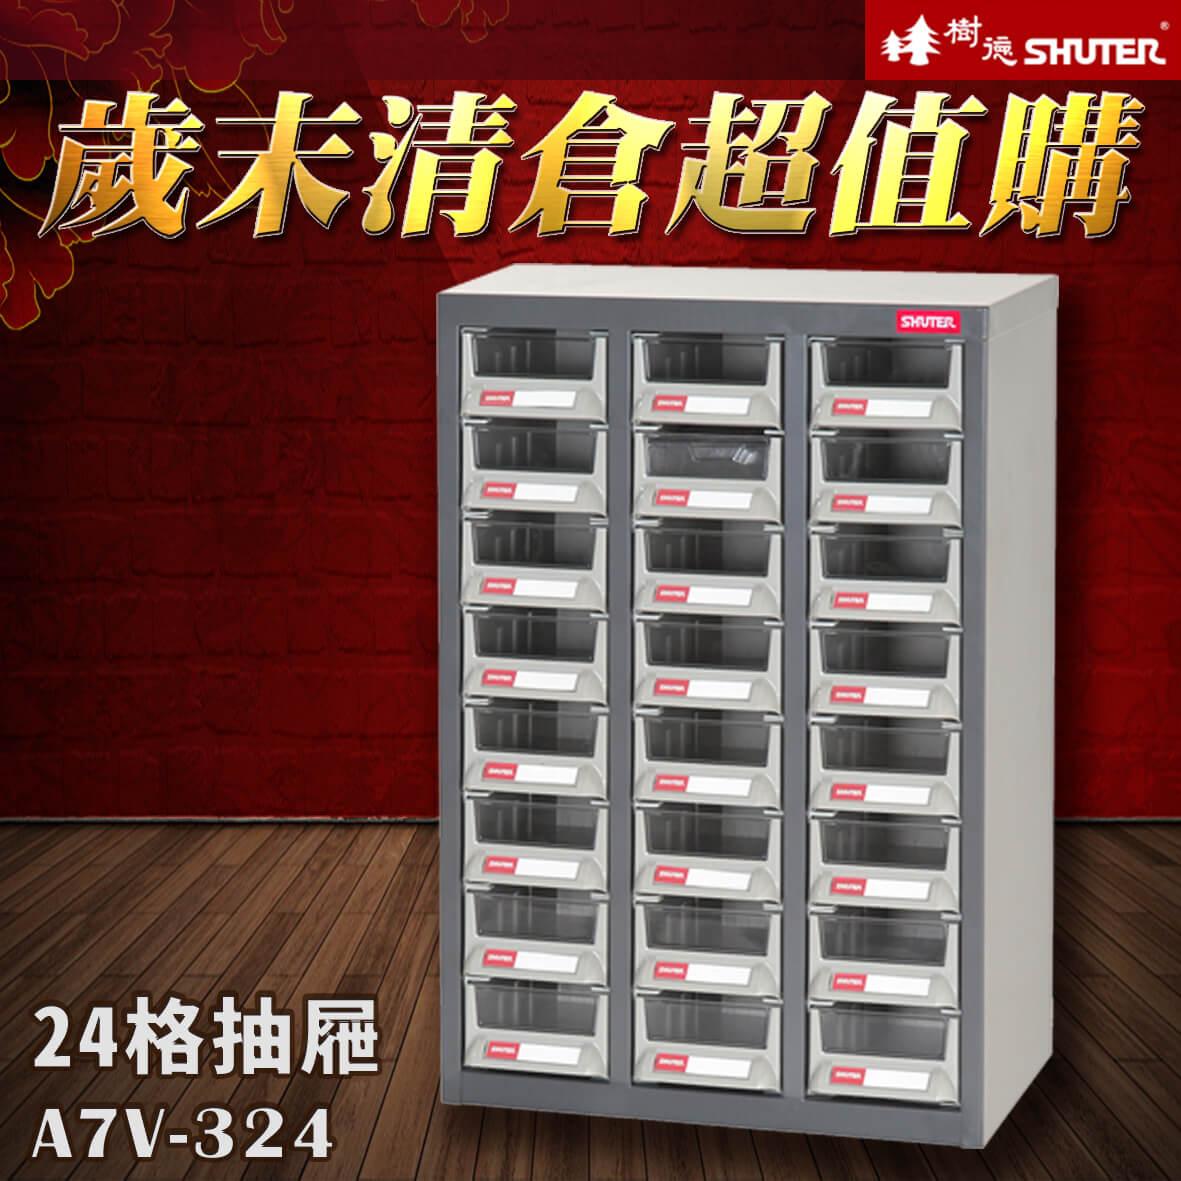 台灣品牌【樹德】 A7V-324 24格抽屜 裝潢 水電 維修 汽車 耗材 電子 3C 包膜 精密 車床 電器